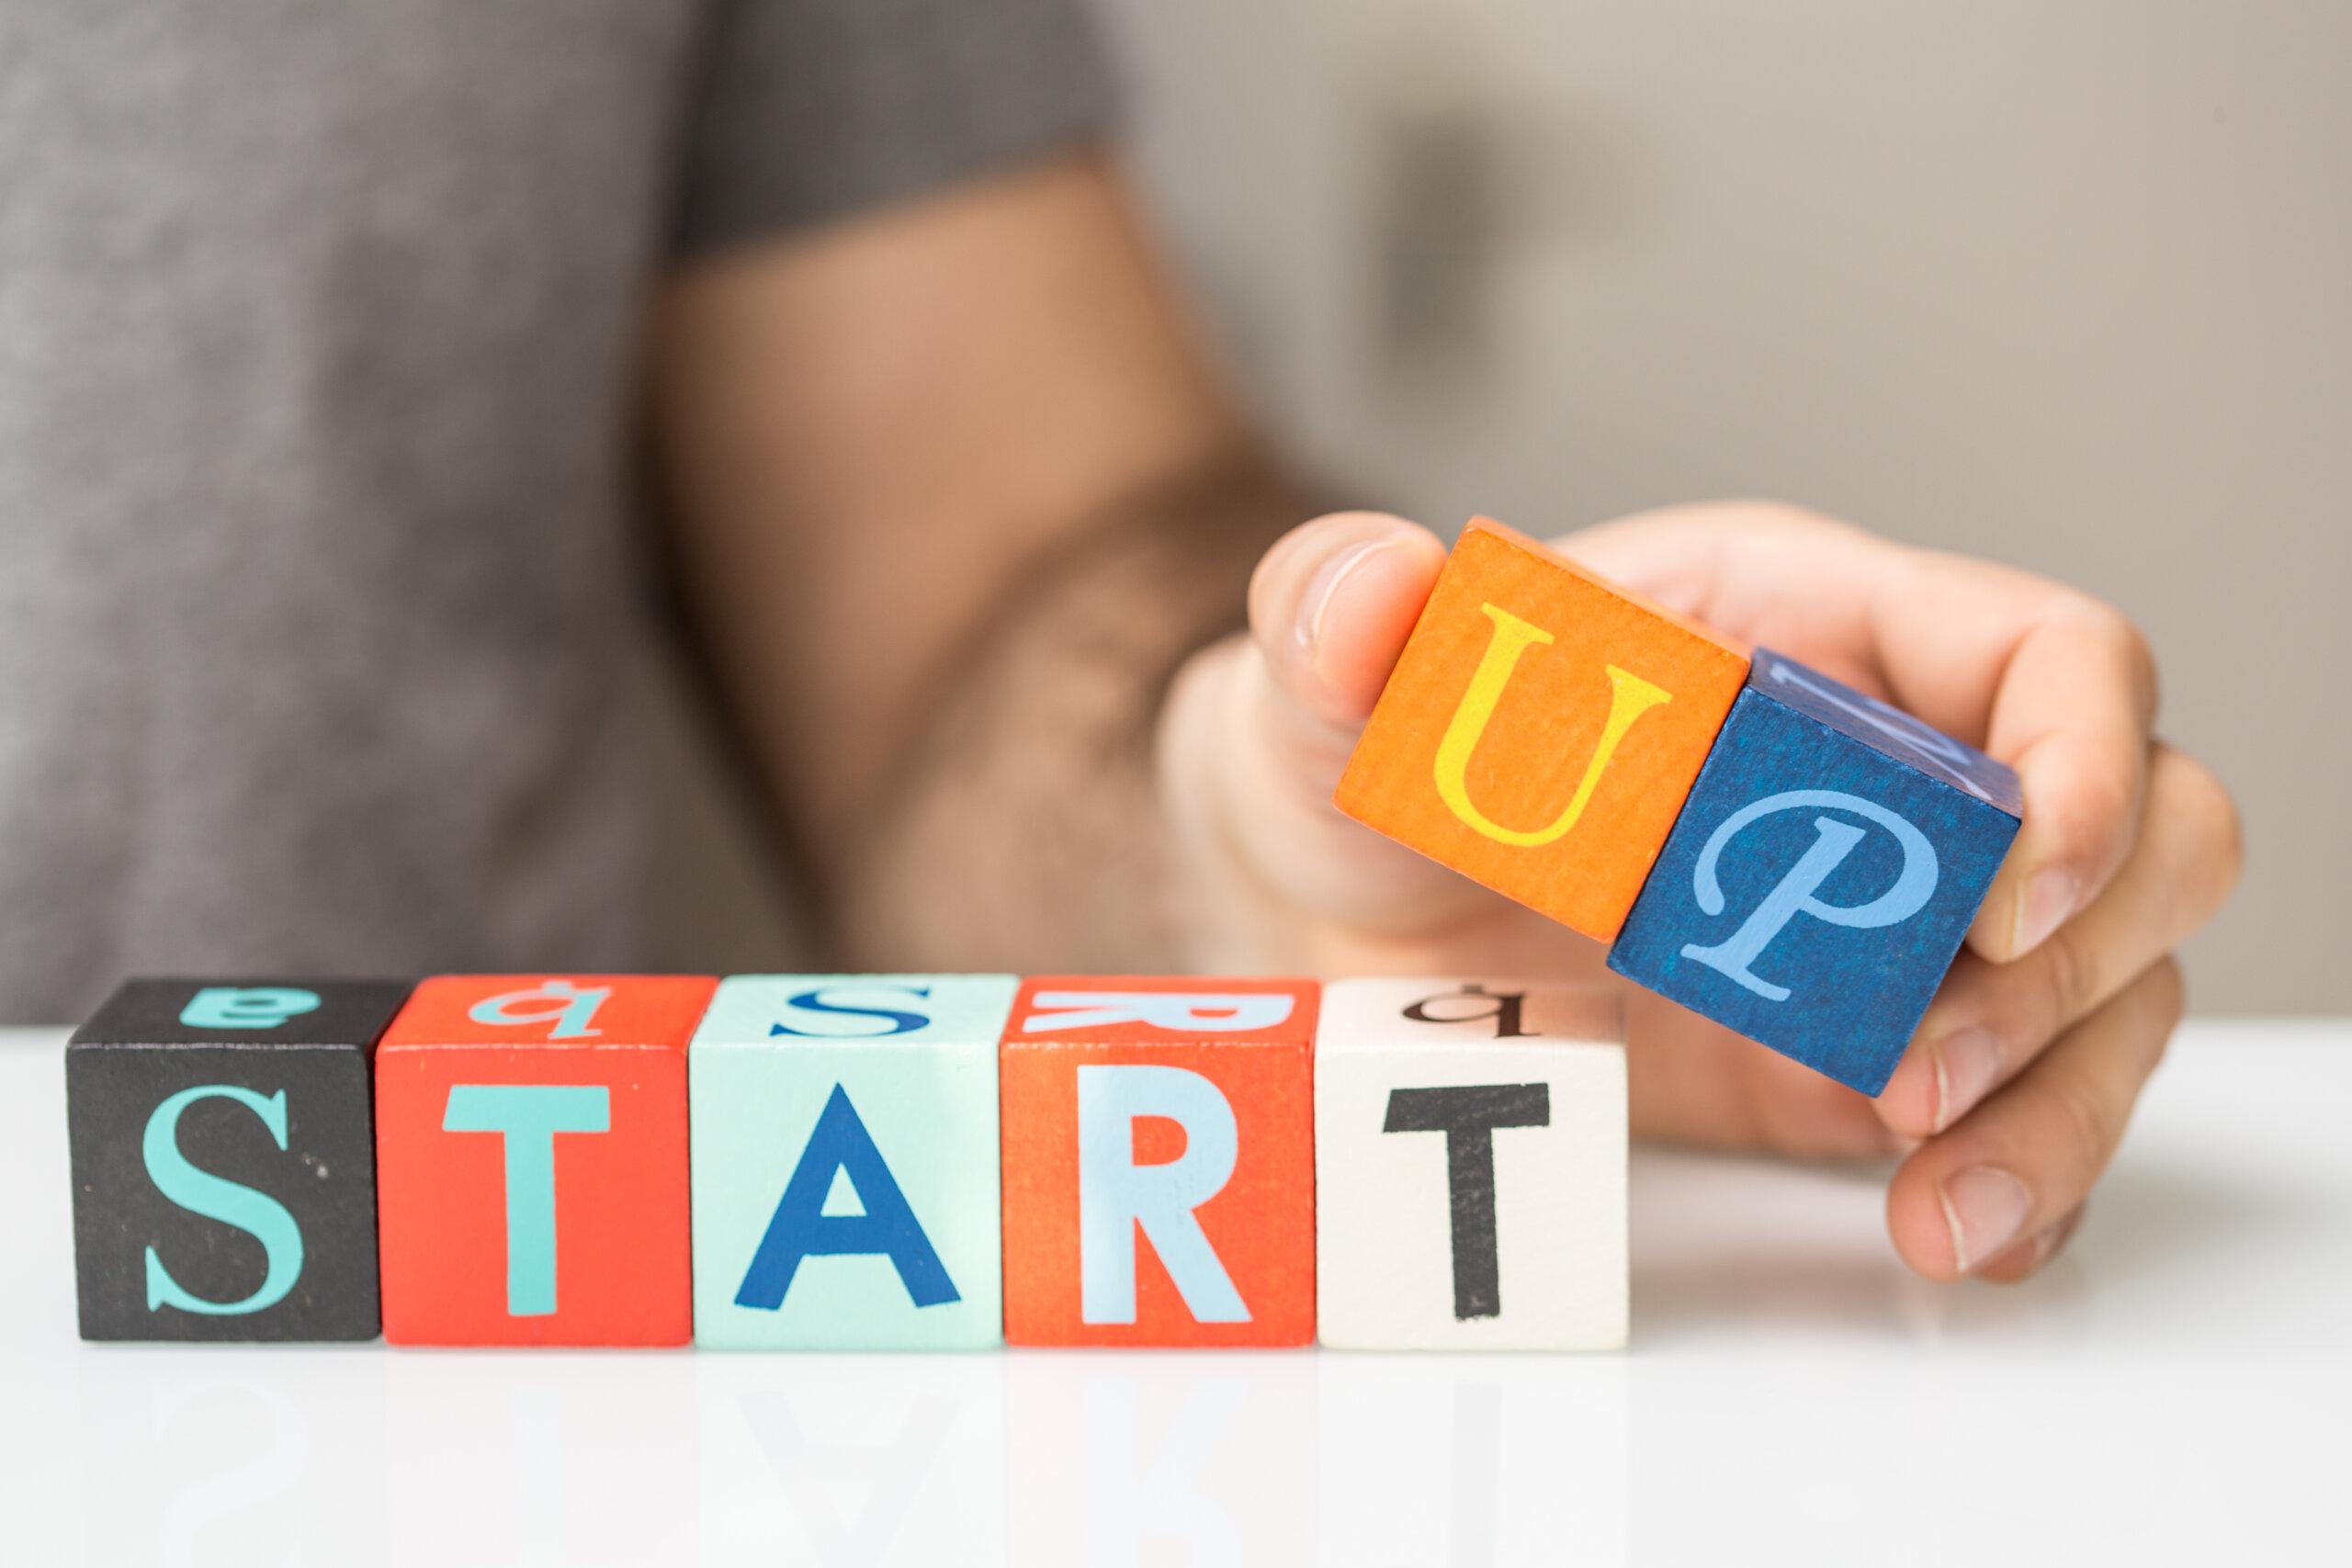 In 4 Schritten zum Startup: So gründest du ein Unternehmen